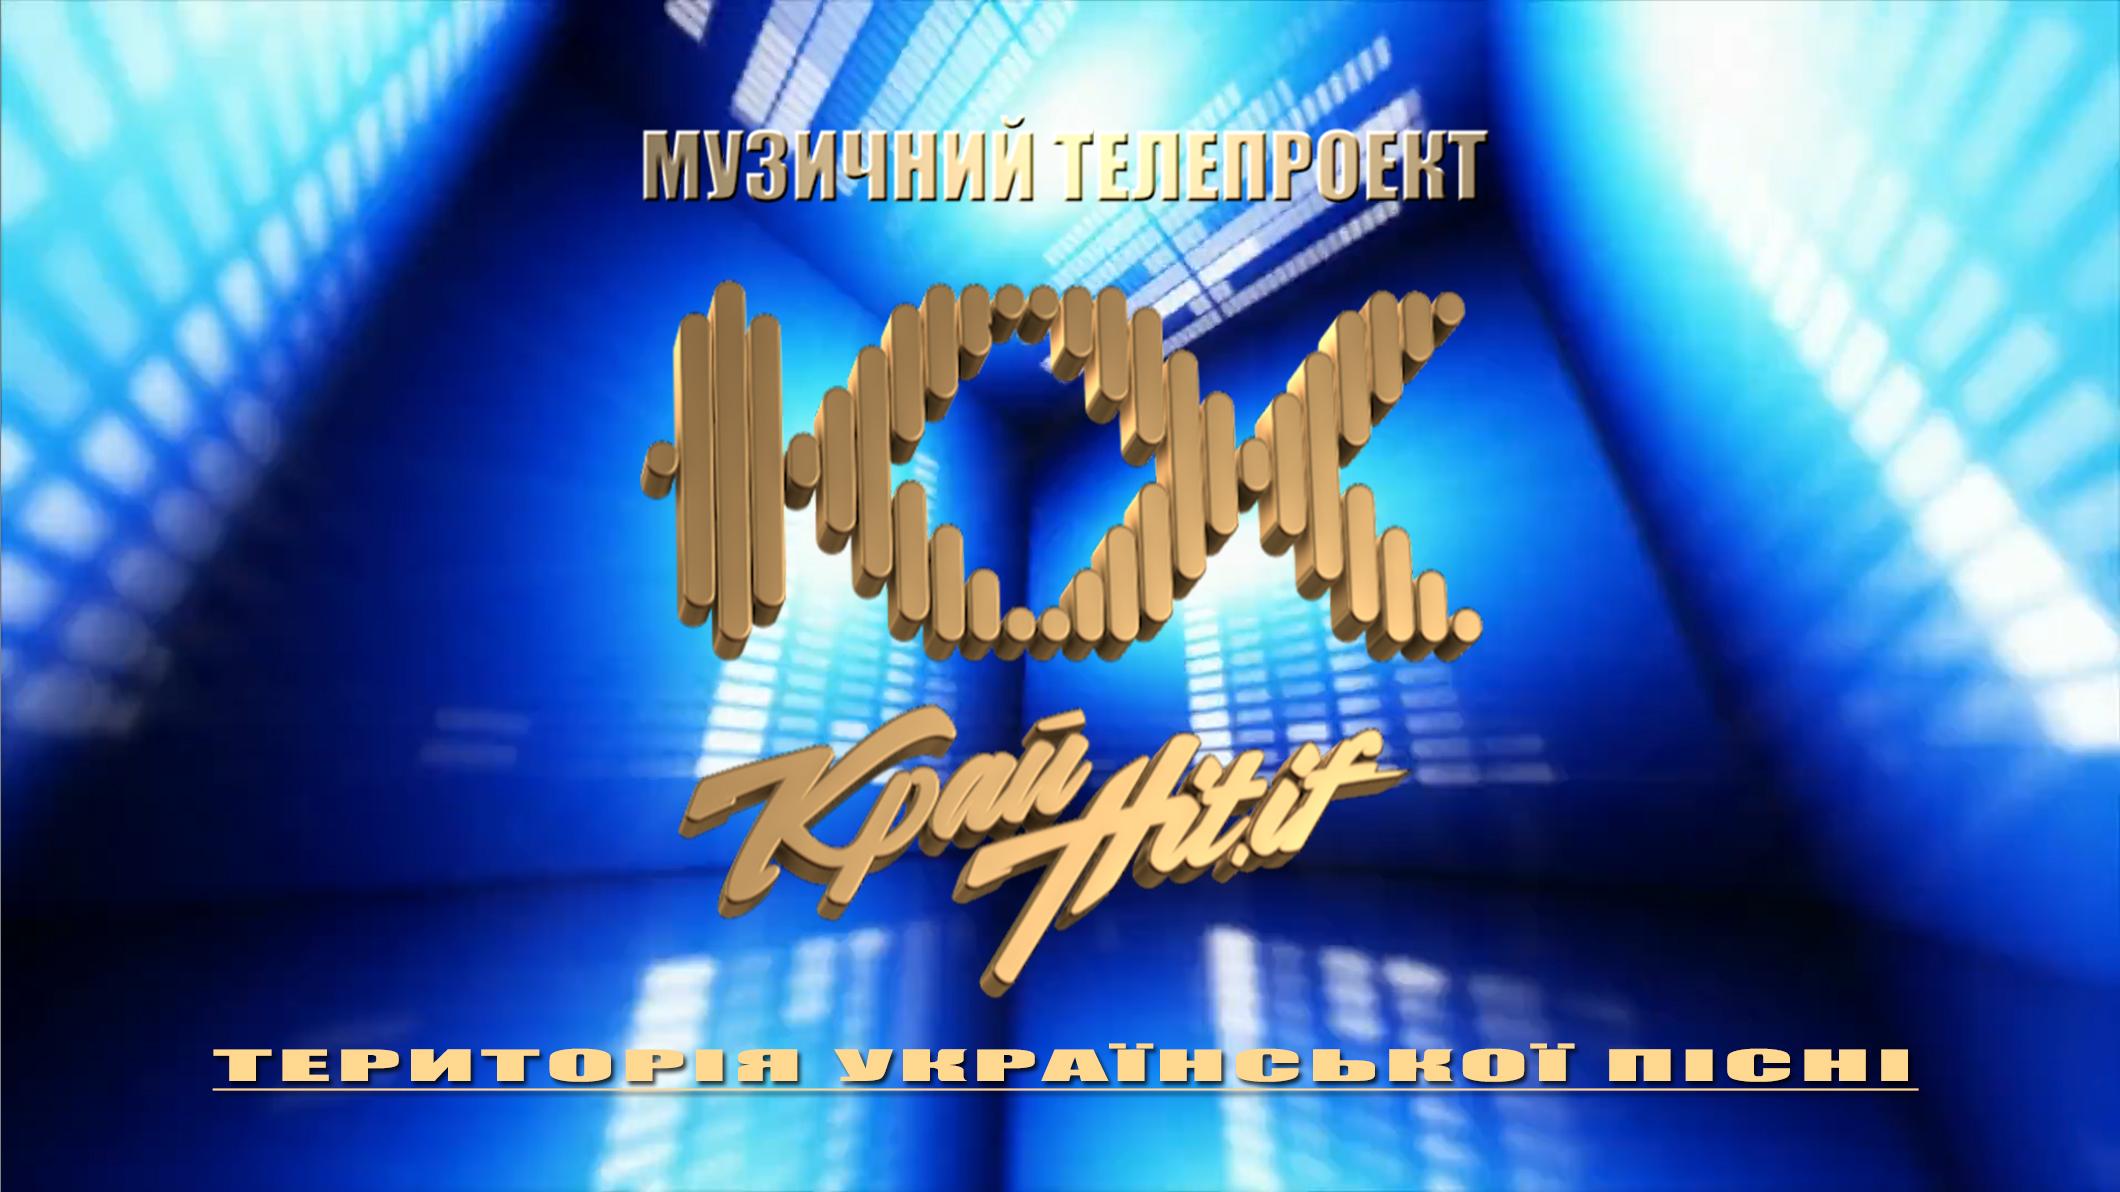 http://briz.if.ua/images/images/1%20(1)(5).jpg